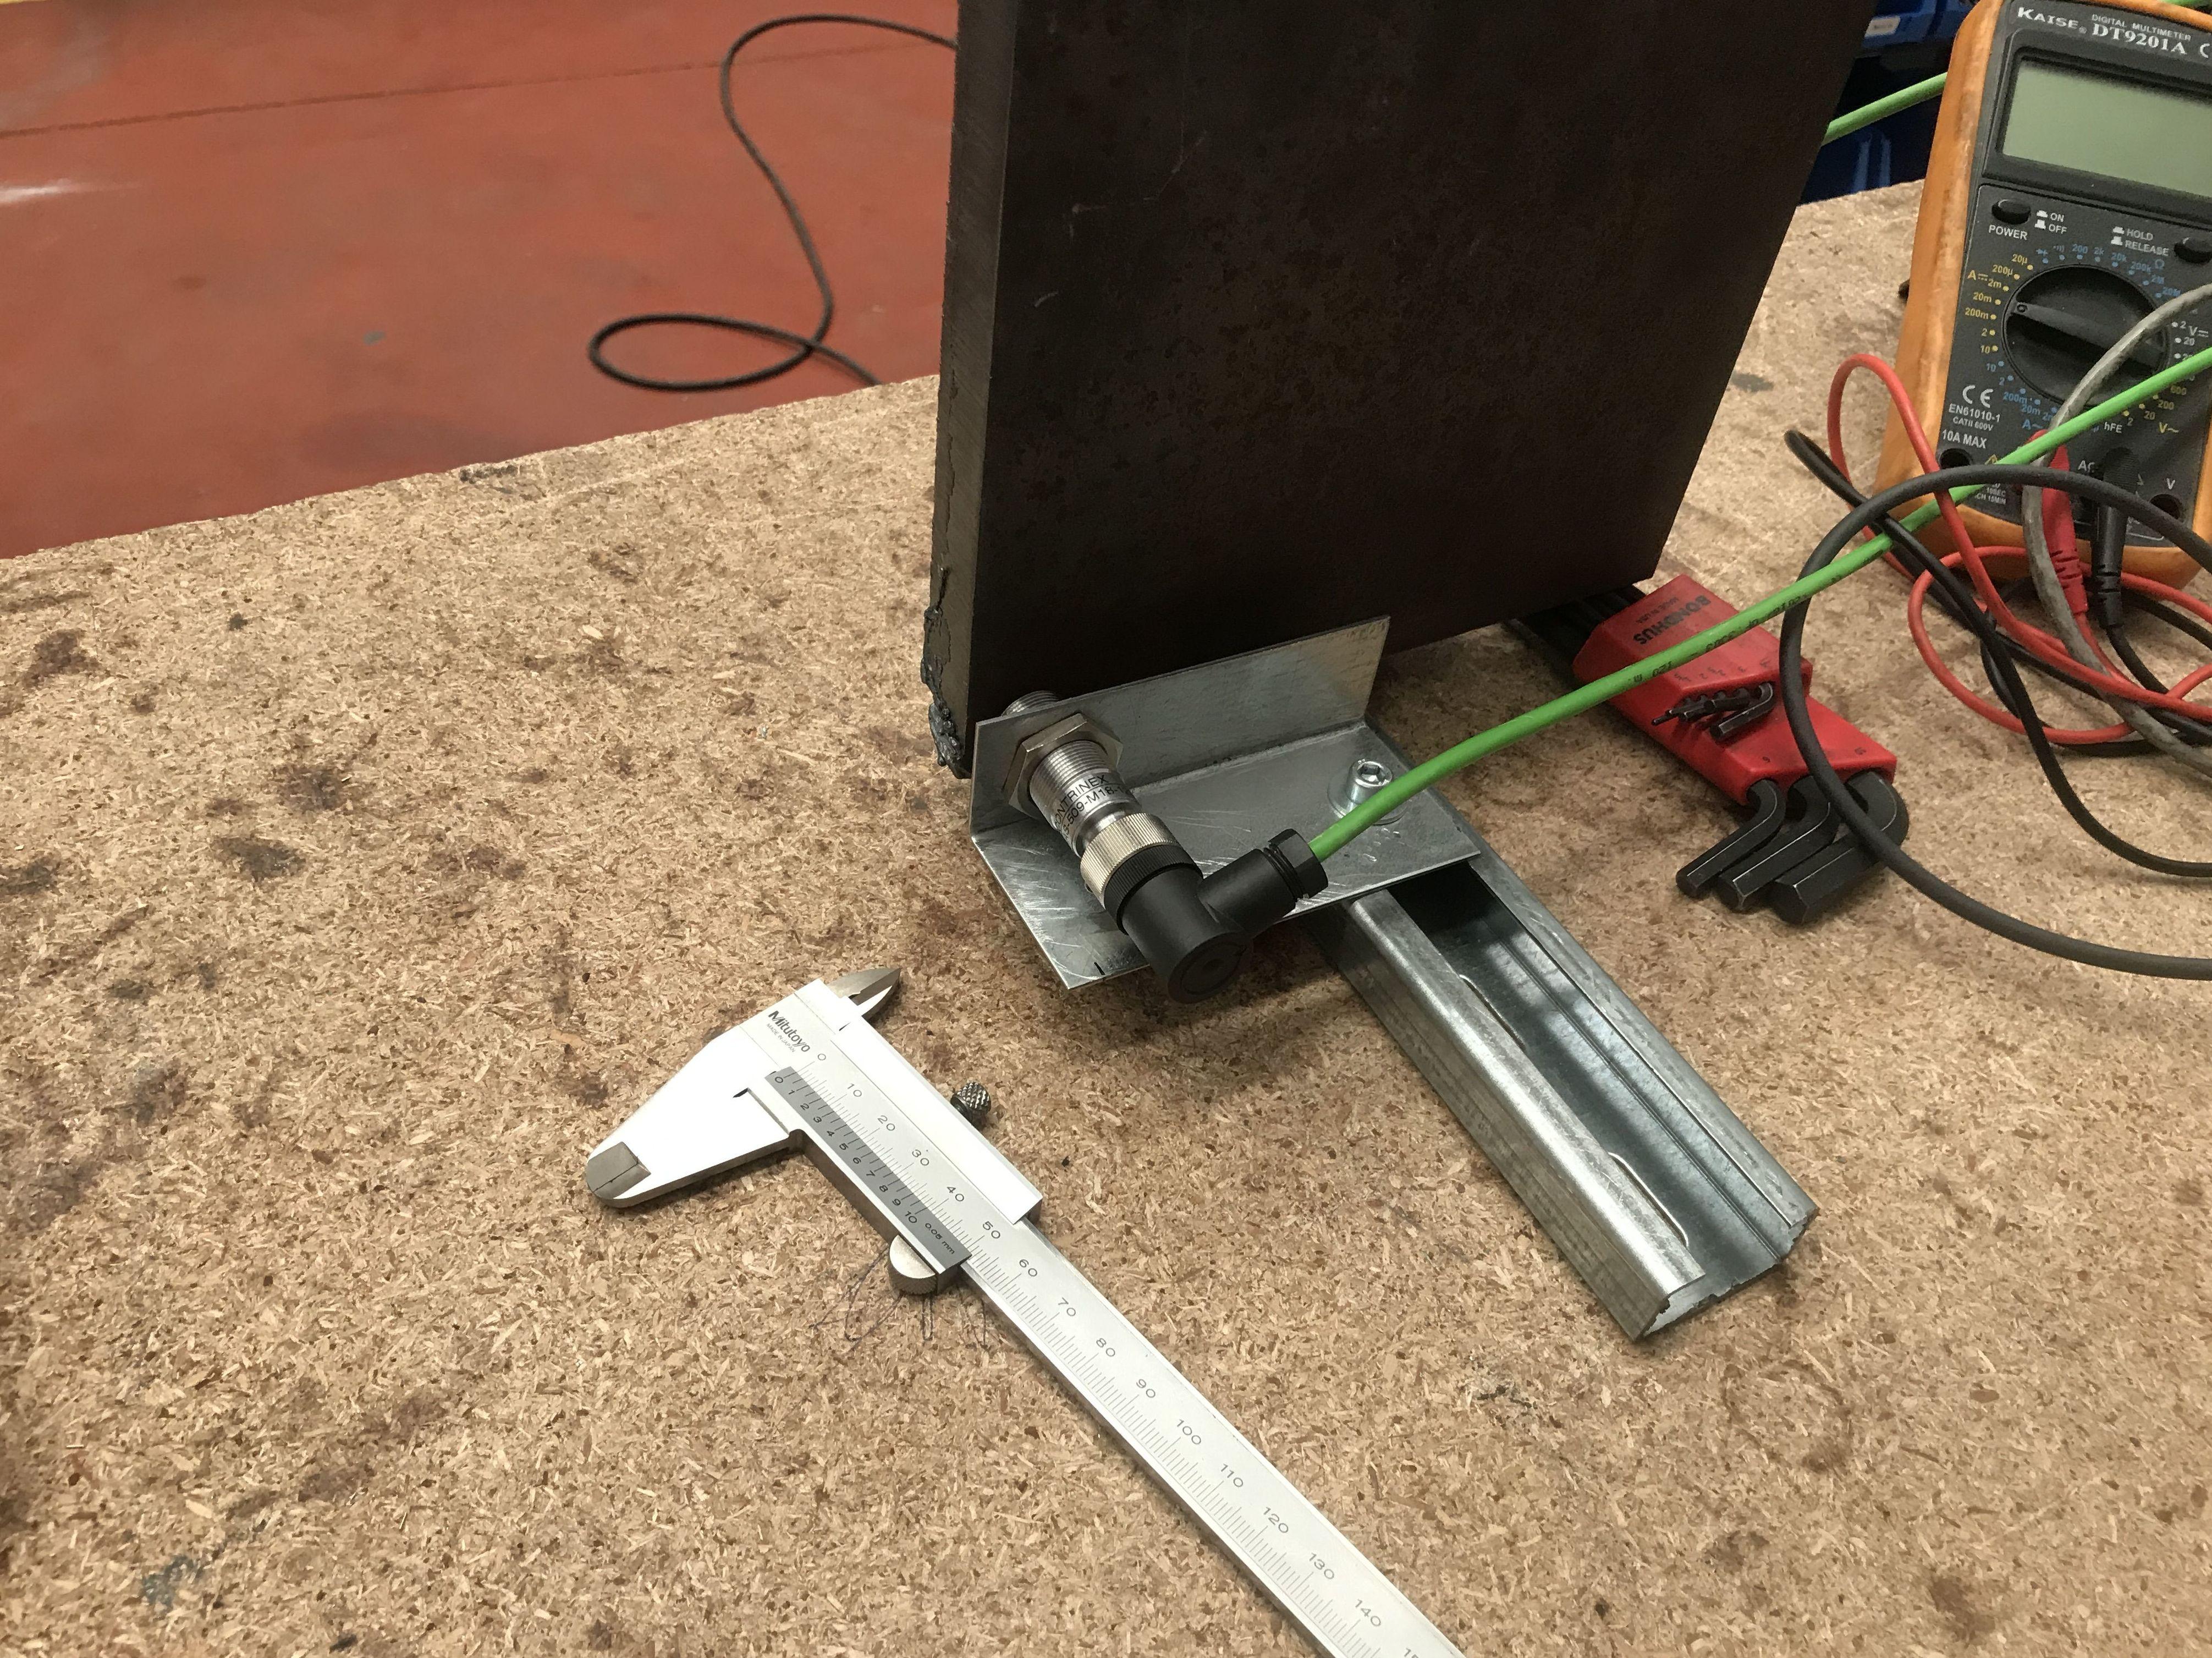 Instrumentación Carga-Deformación para la descarga de muros de carga en Retail. Bulgari (Barcelona)